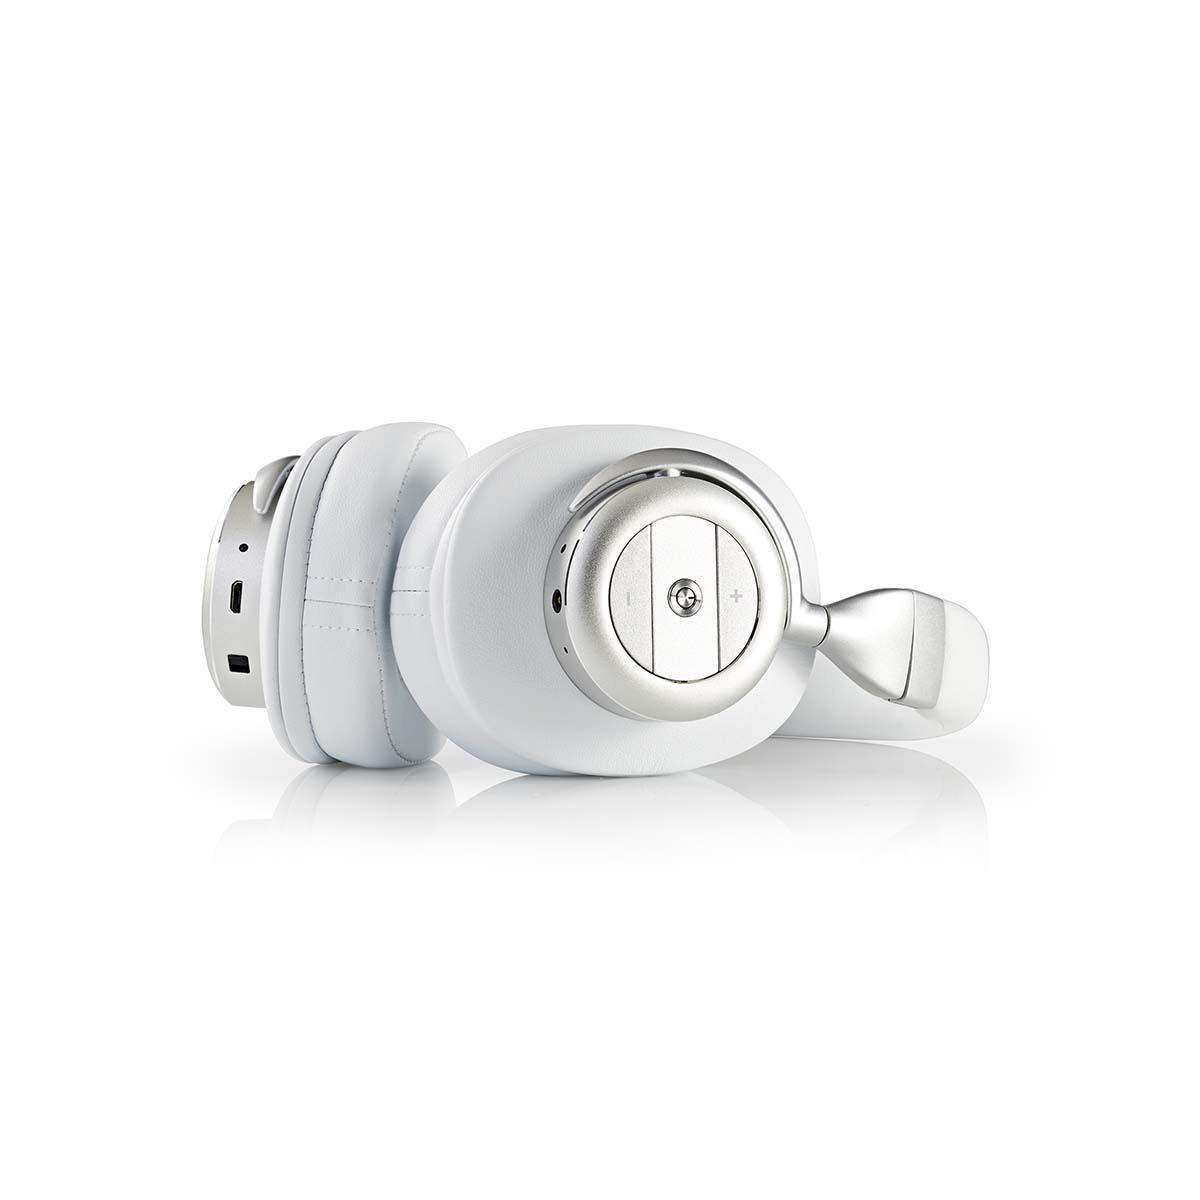 Pls Draadloze hoofdtelefoon | Bluetooth® | Over-ear | Actieve ruisonderdrukking (ANC) | Wit